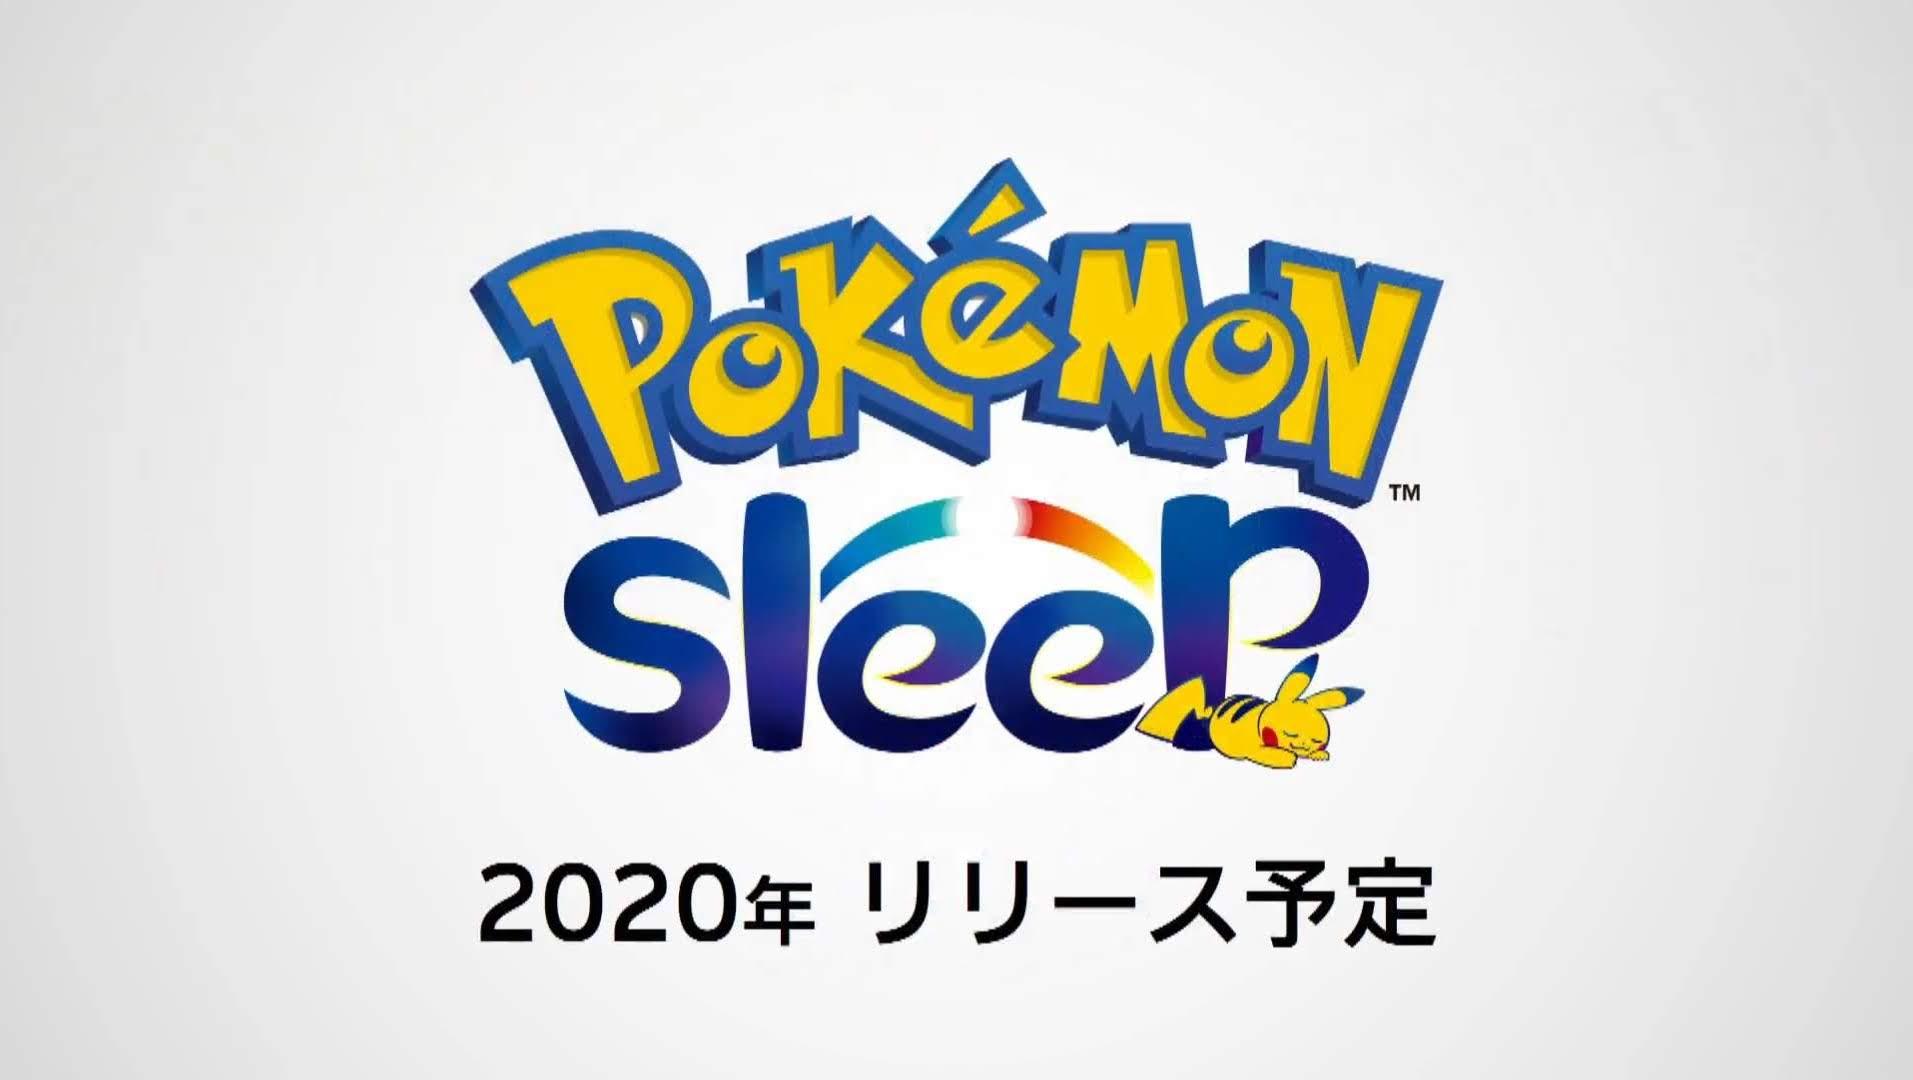 """速報:新作ゲームアプリ「ポケモンスリープ」が2020年に登場〜歩くの次は""""睡眠""""をエンタメ化"""